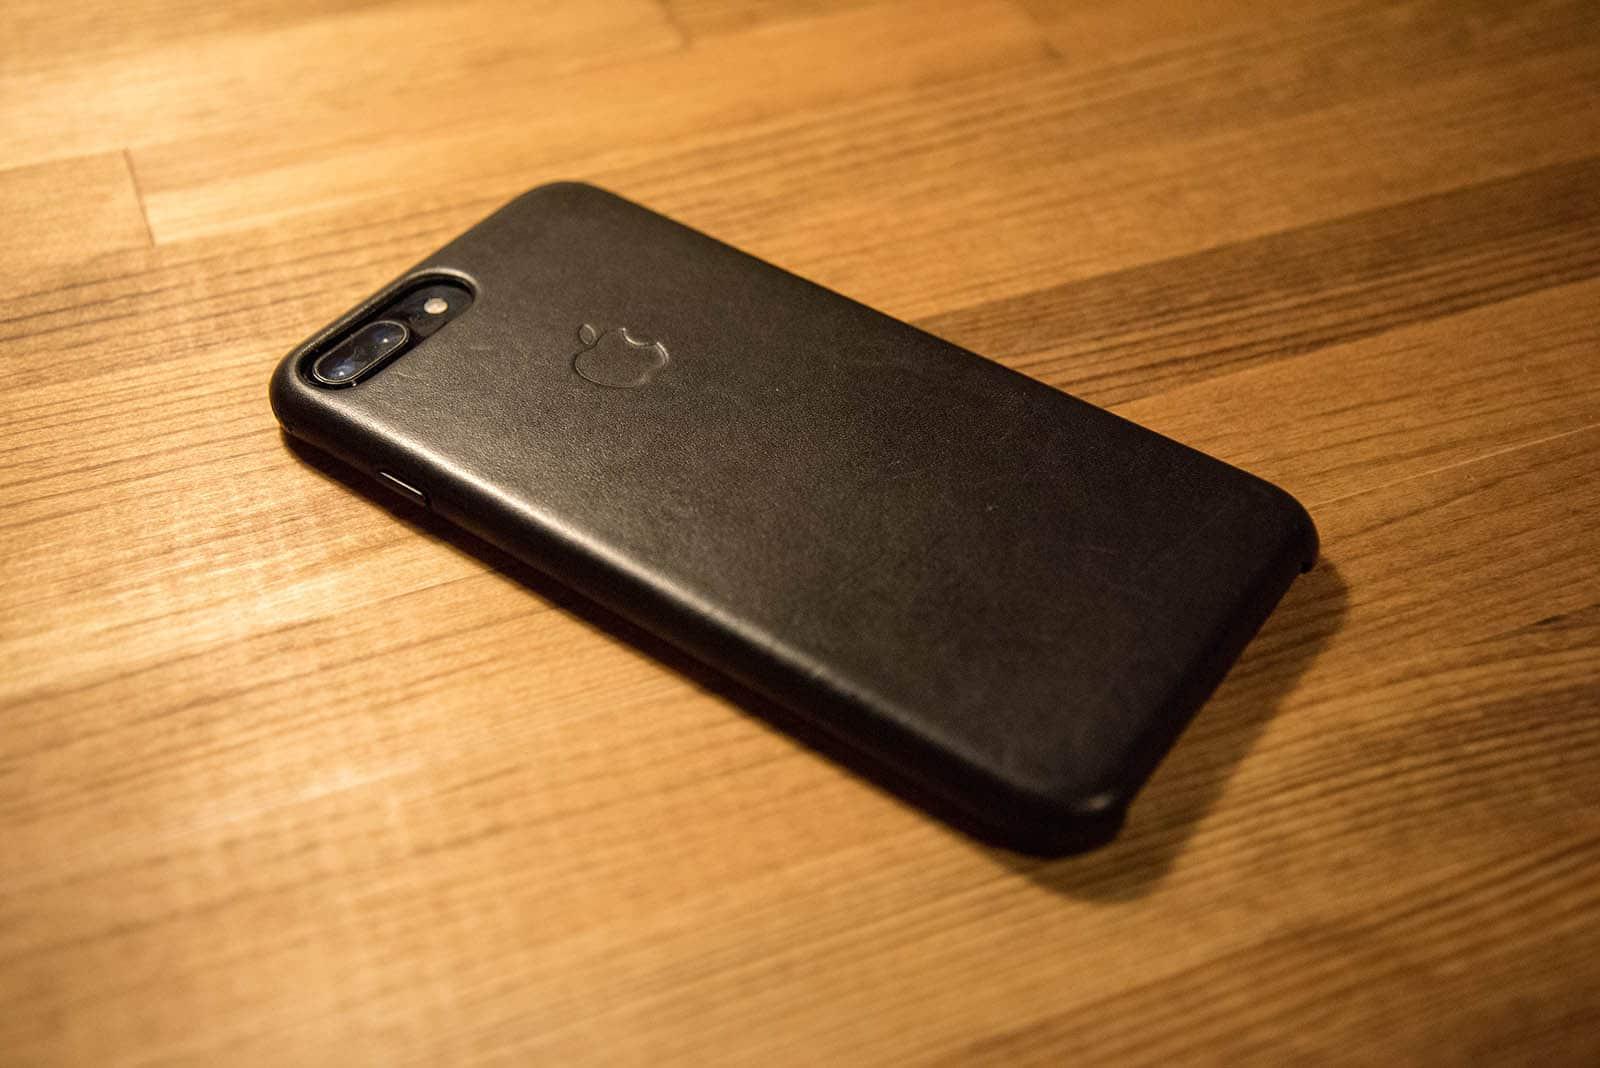 純正のレザーケースを装着したiPhone 7 Plus